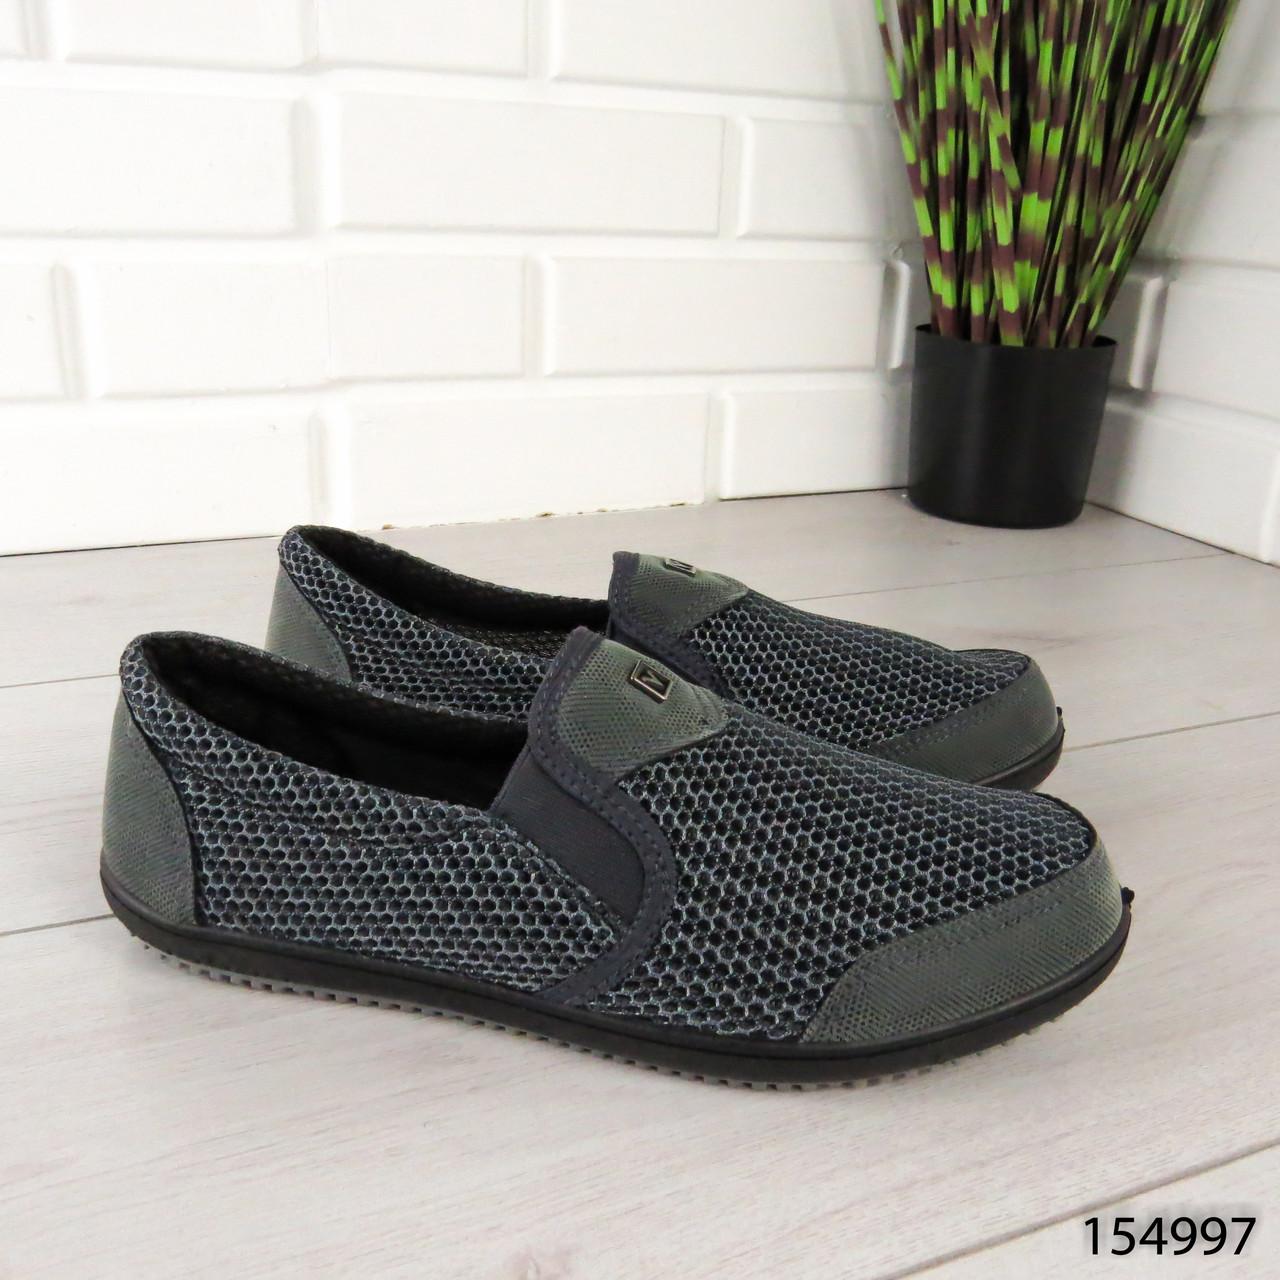 """Мокасины мужские, серые """"Anbaty"""" текстильные, туфли мужские, повседневная, удобная, весенняя, мужская обувь"""